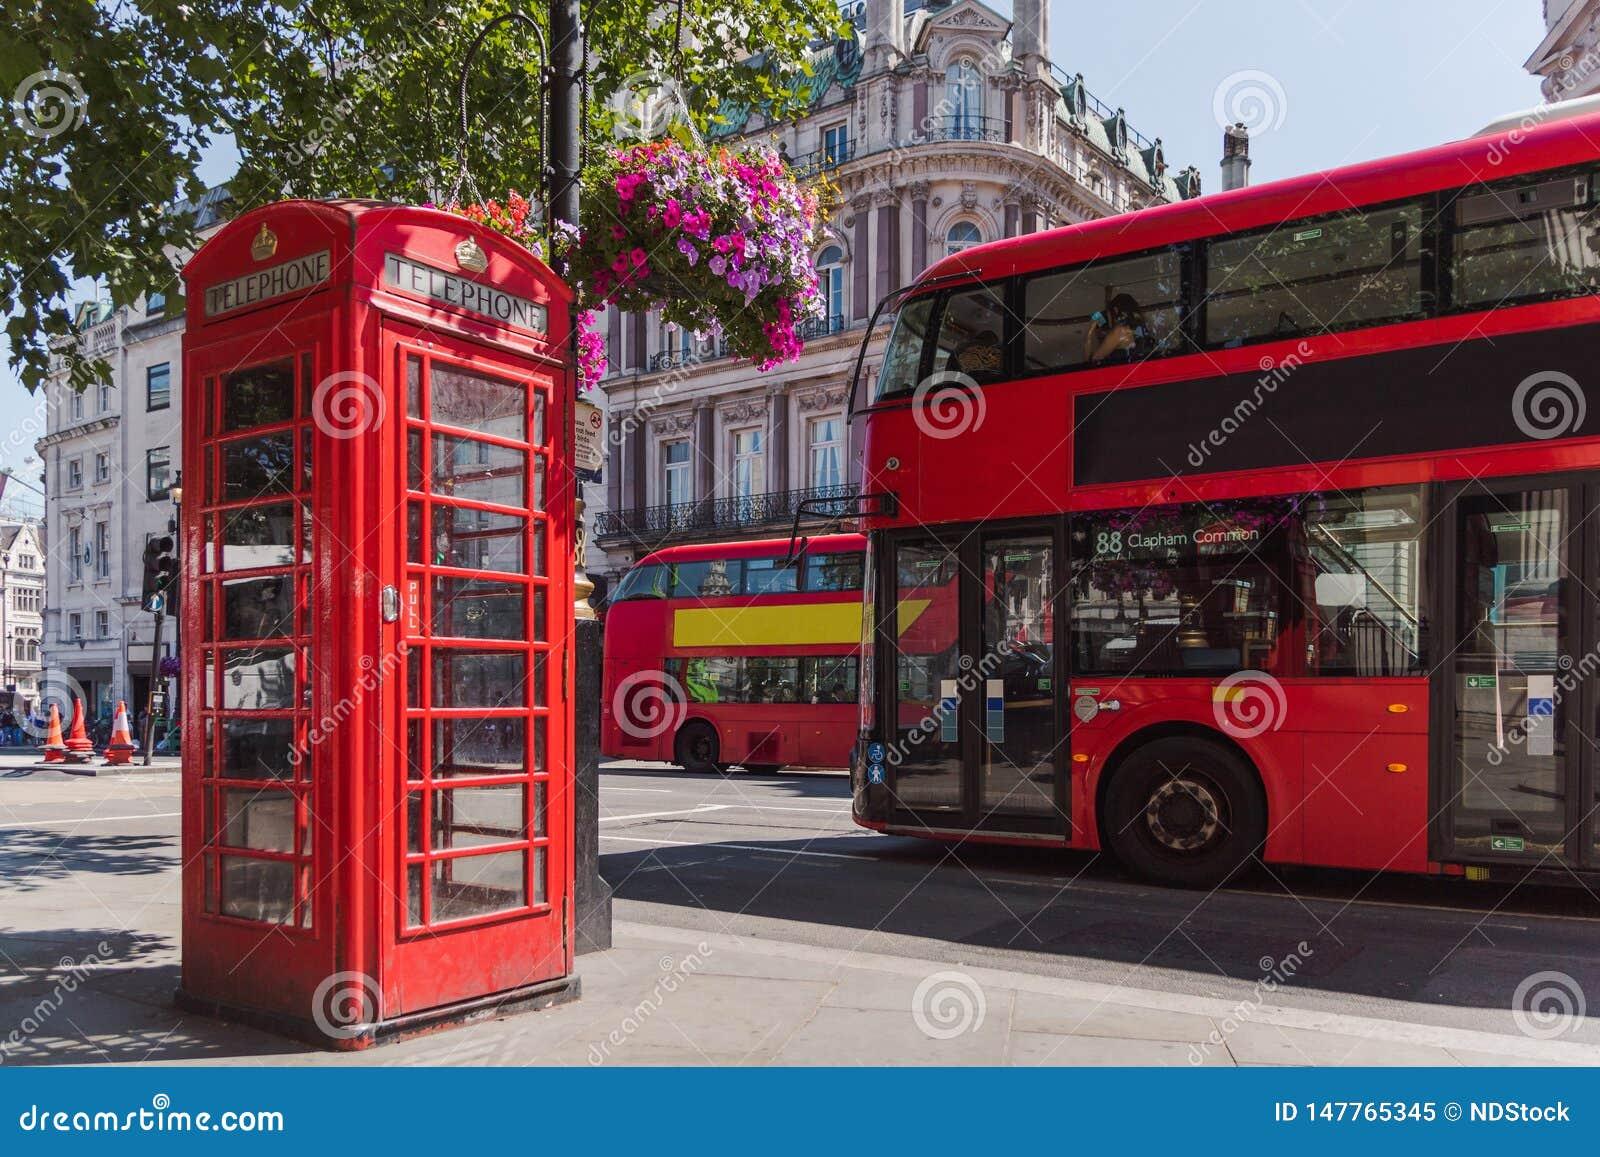 伦敦电话客舱和双层公共汽车